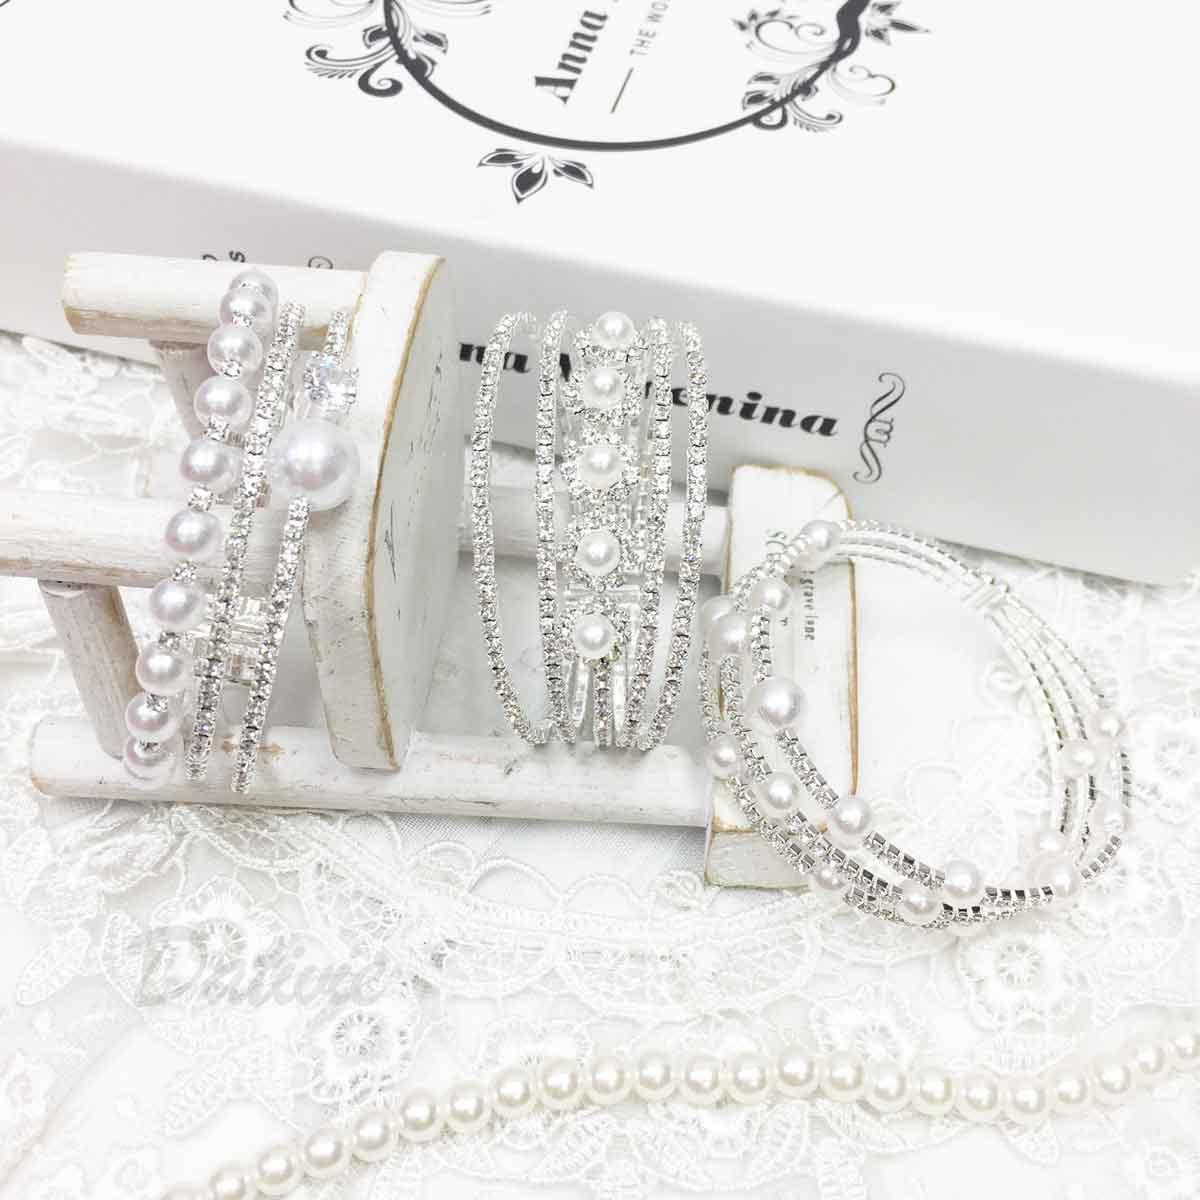 水鑽 珍珠 三環圈 螺旋 質感 手飾 手環